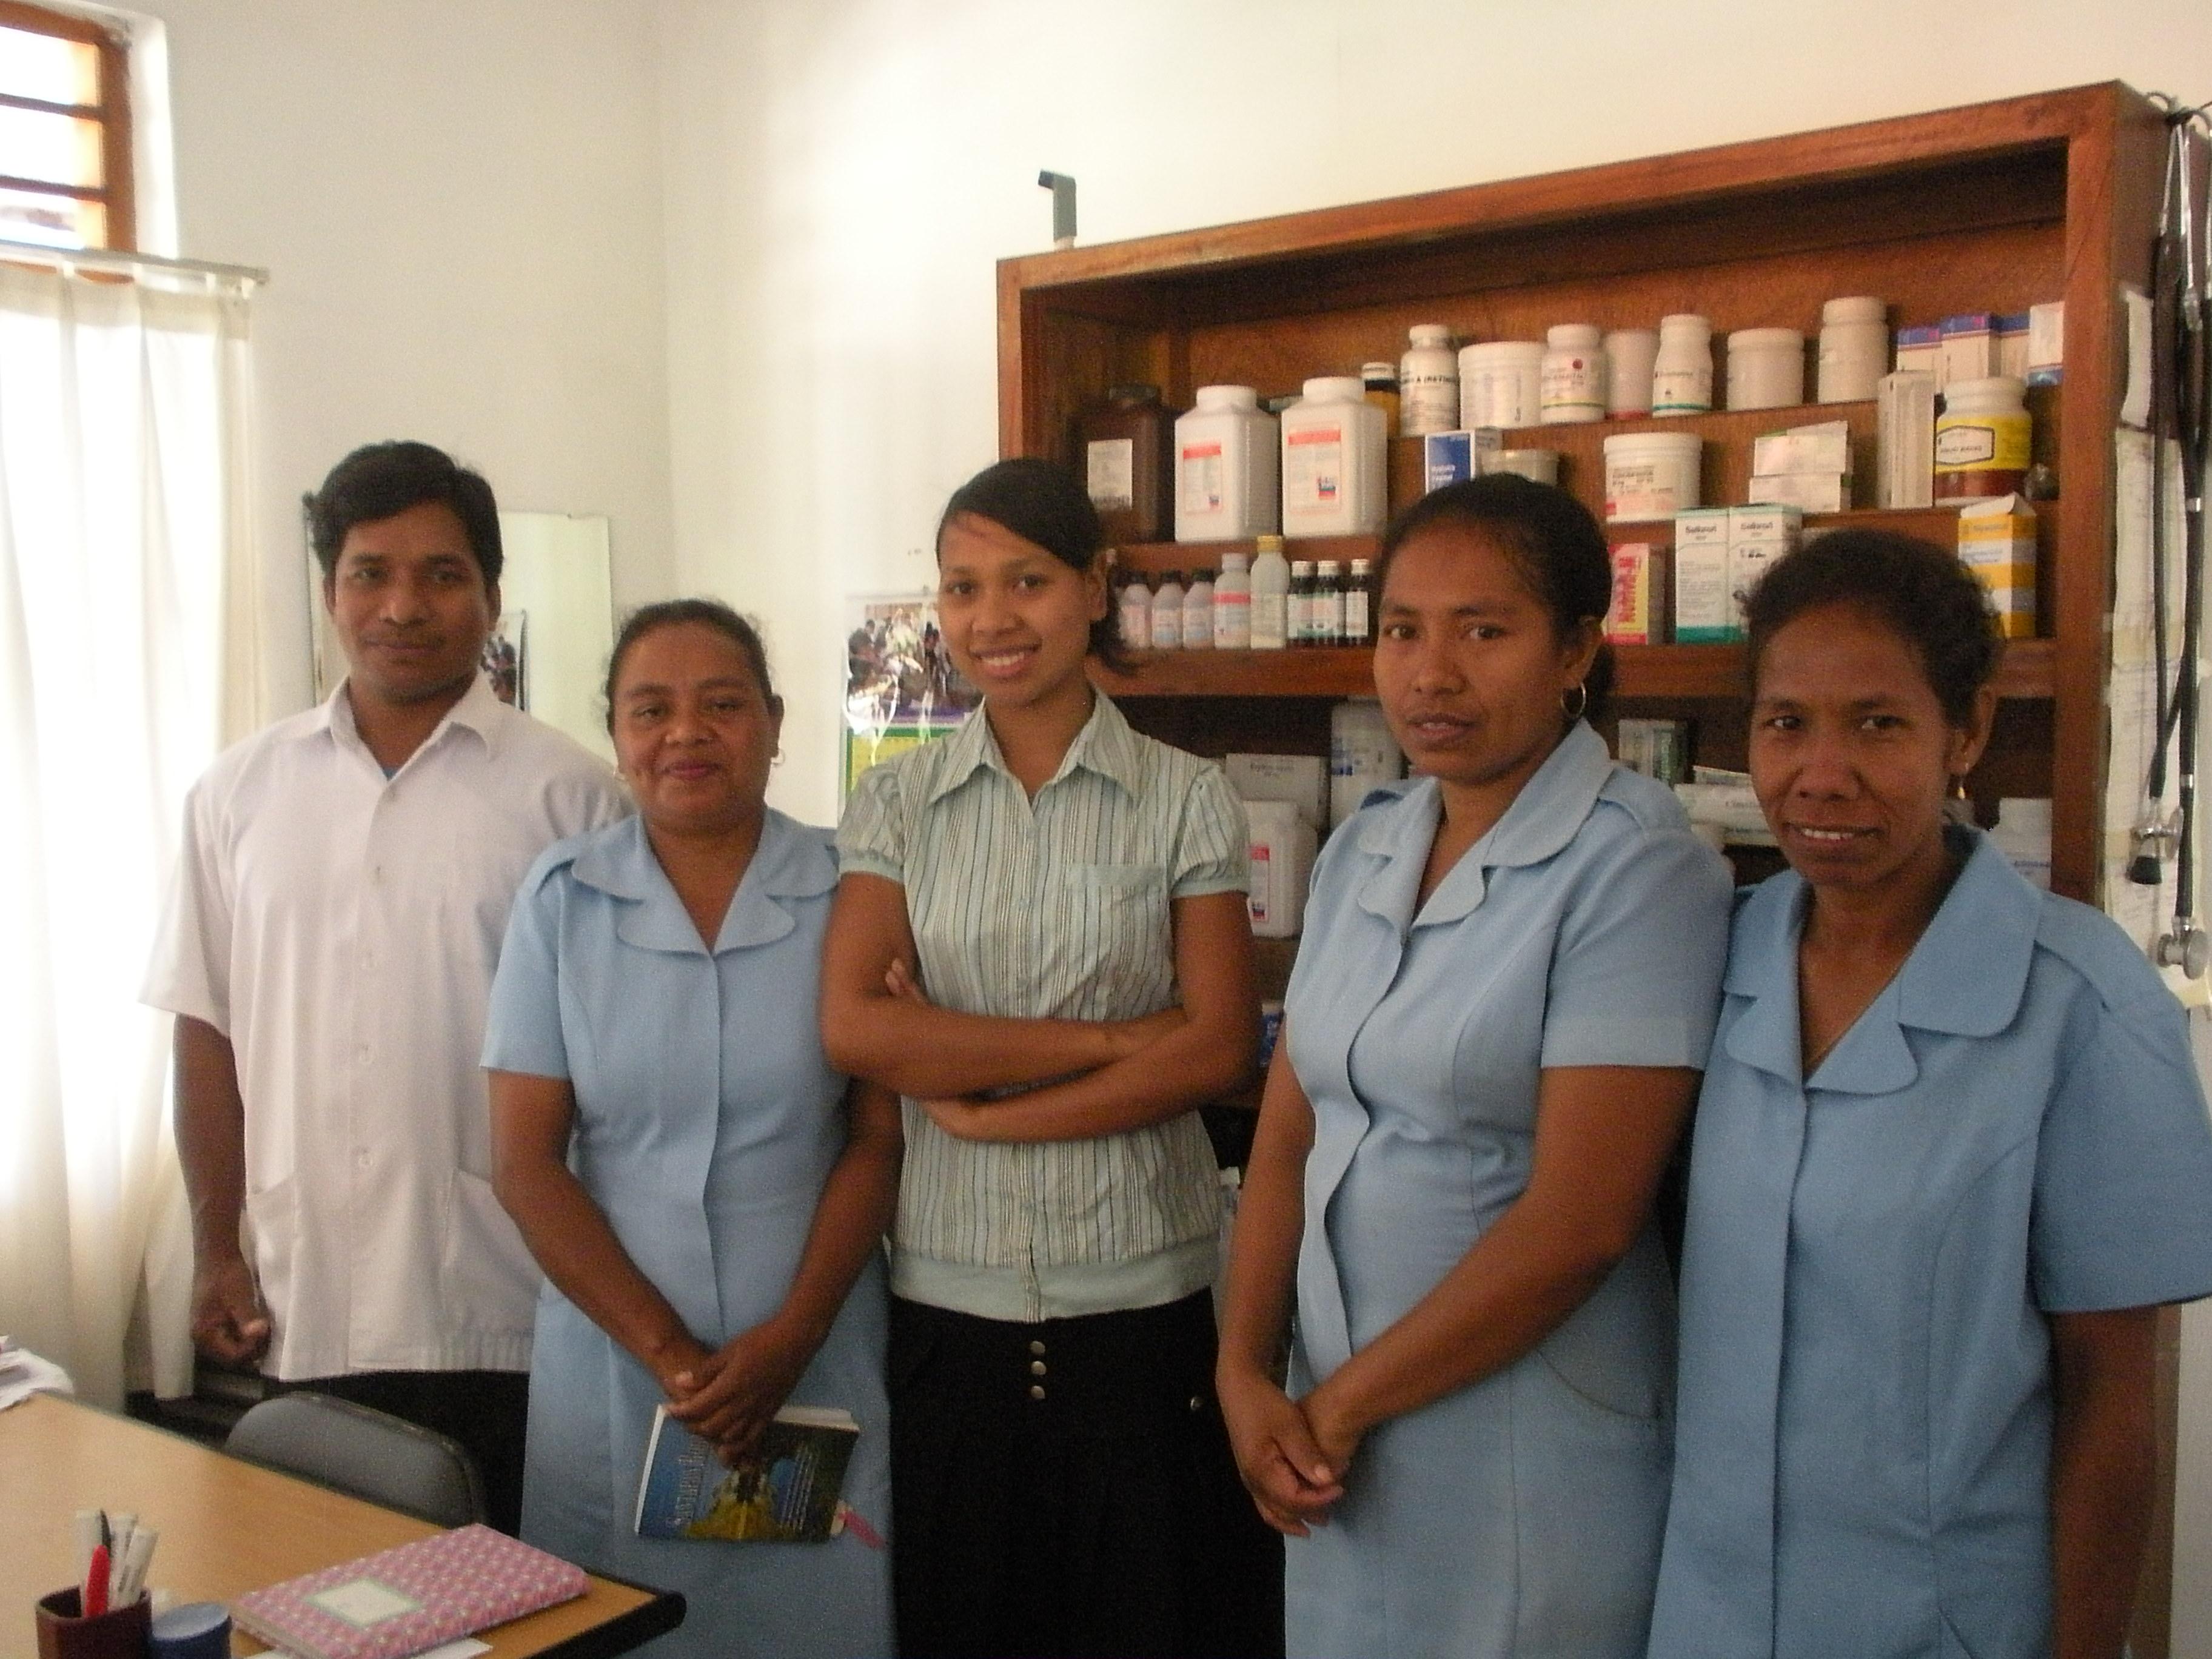 East_Timor_Vijay_DSCN1927.JPG